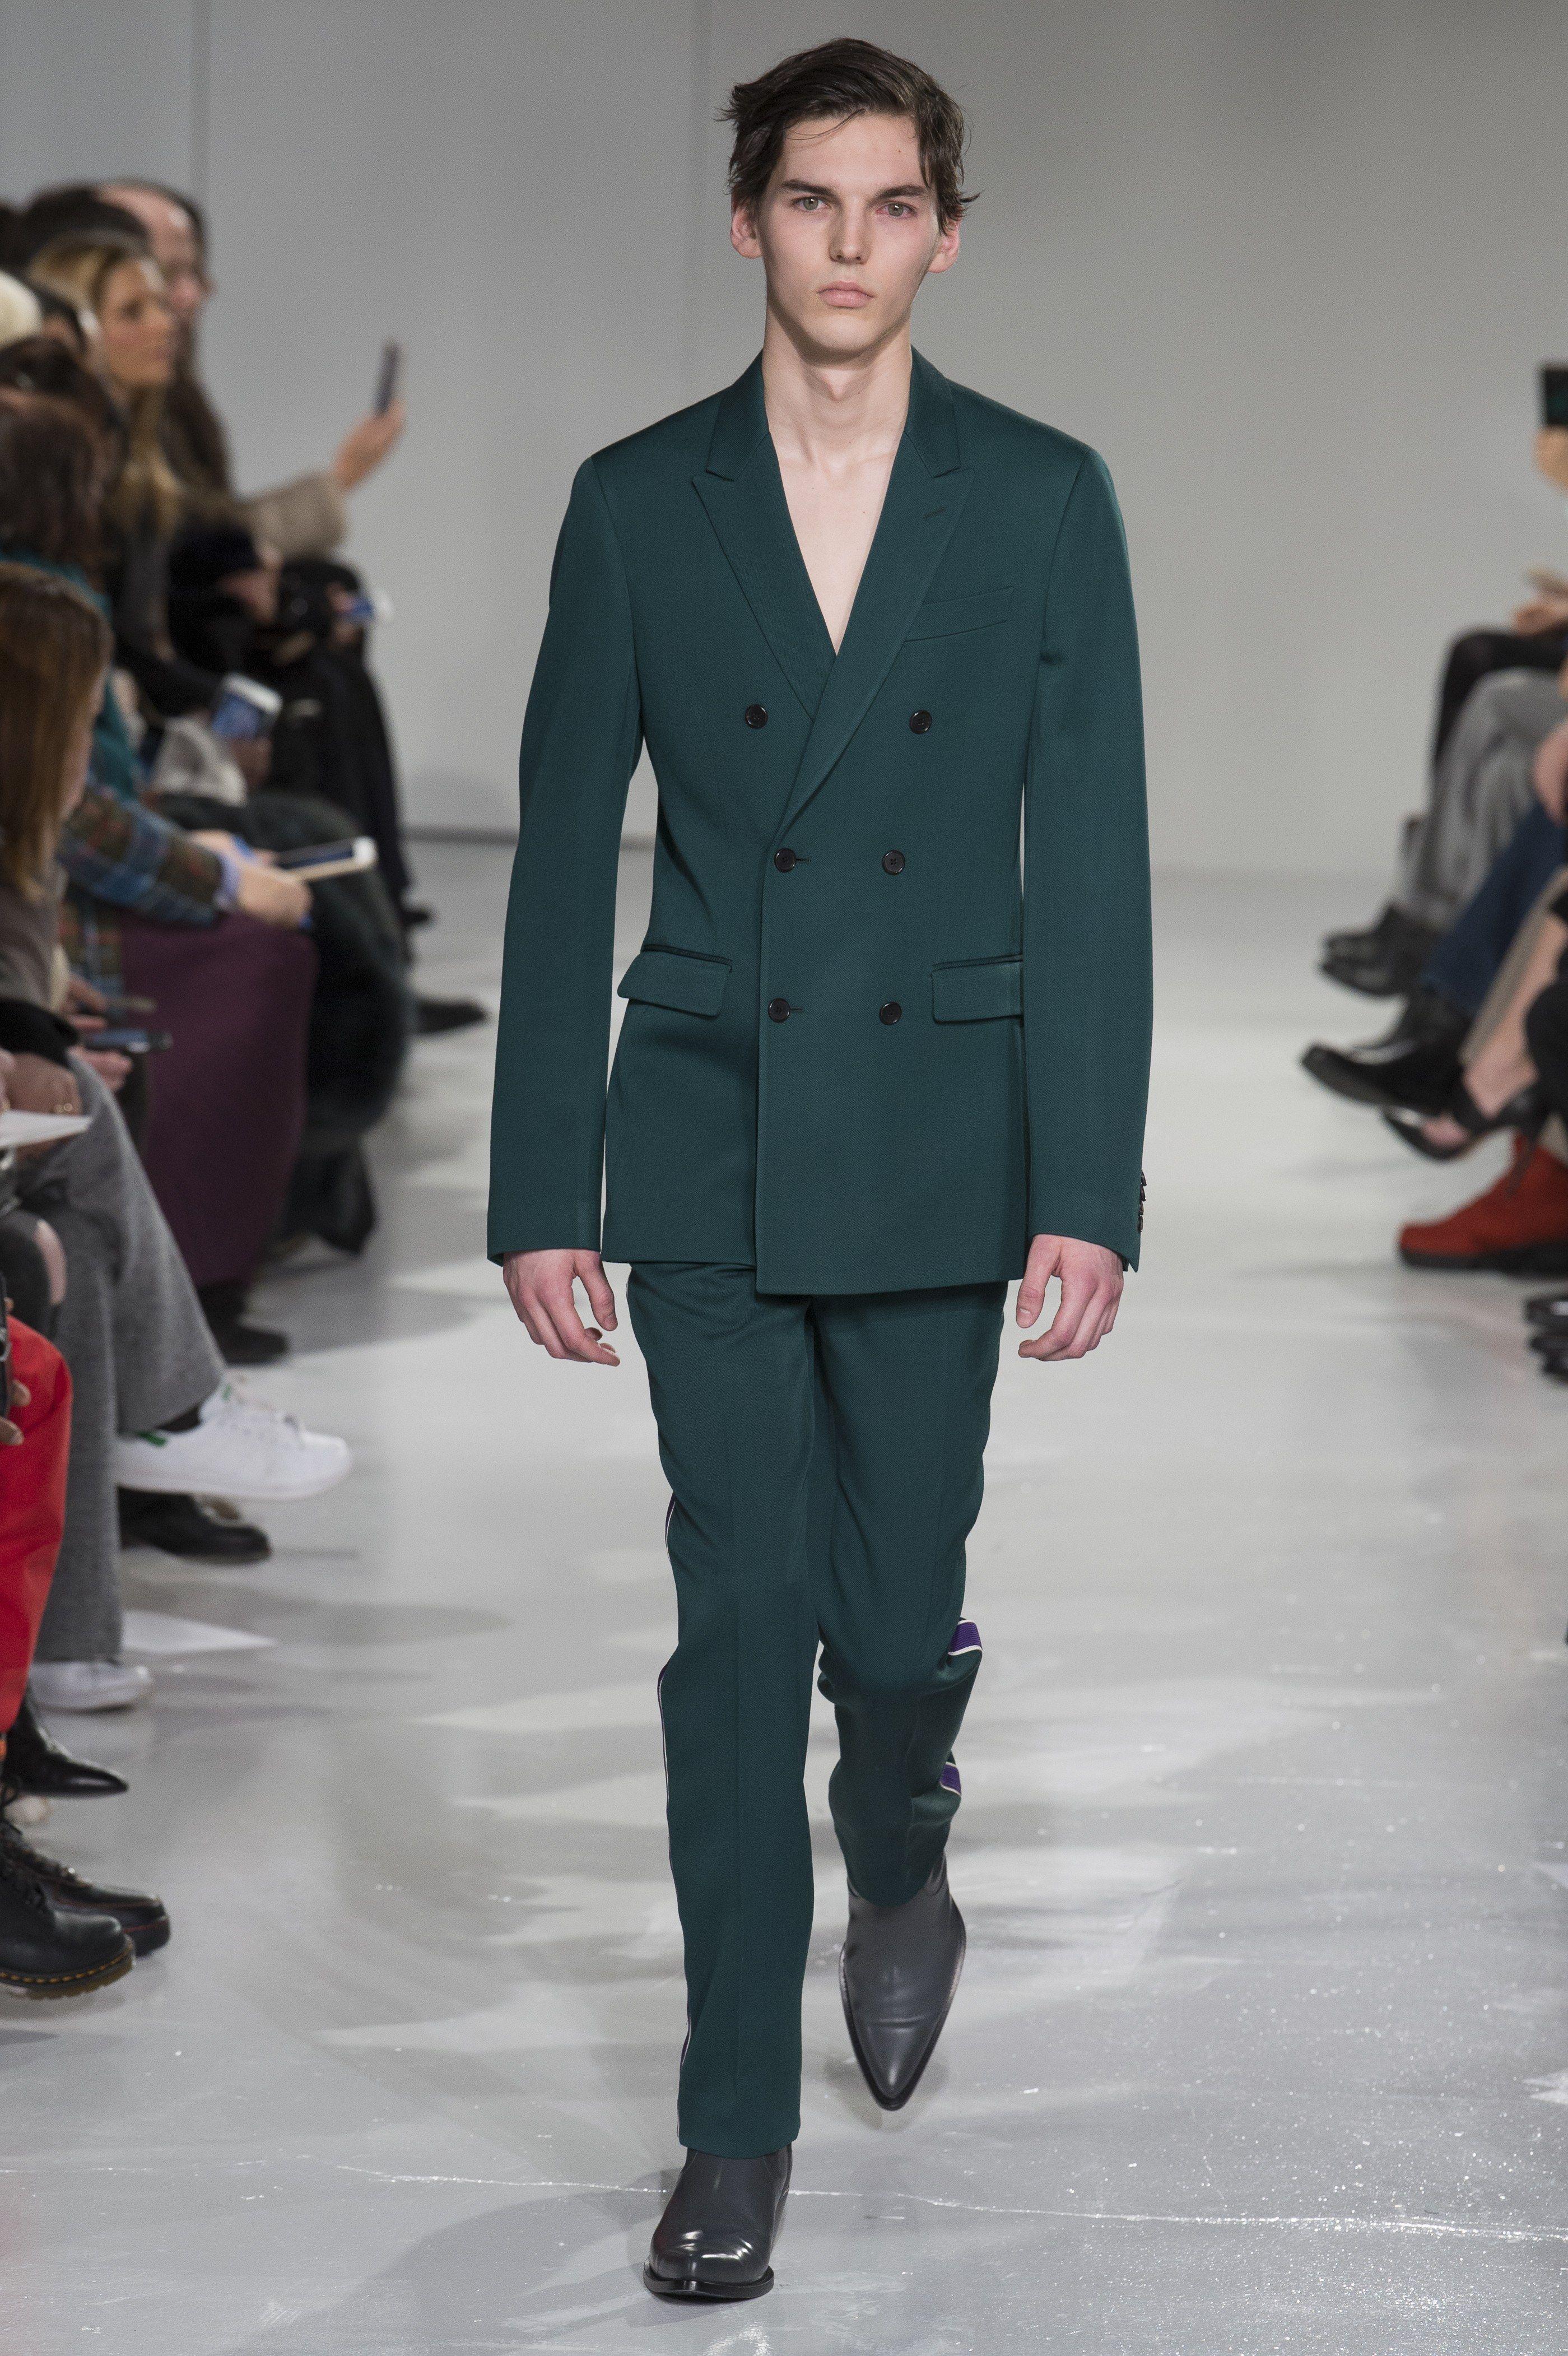 5fe0b1016a8b0 Calvin Klein Collection Fall 2017 Menswear Fashion Show